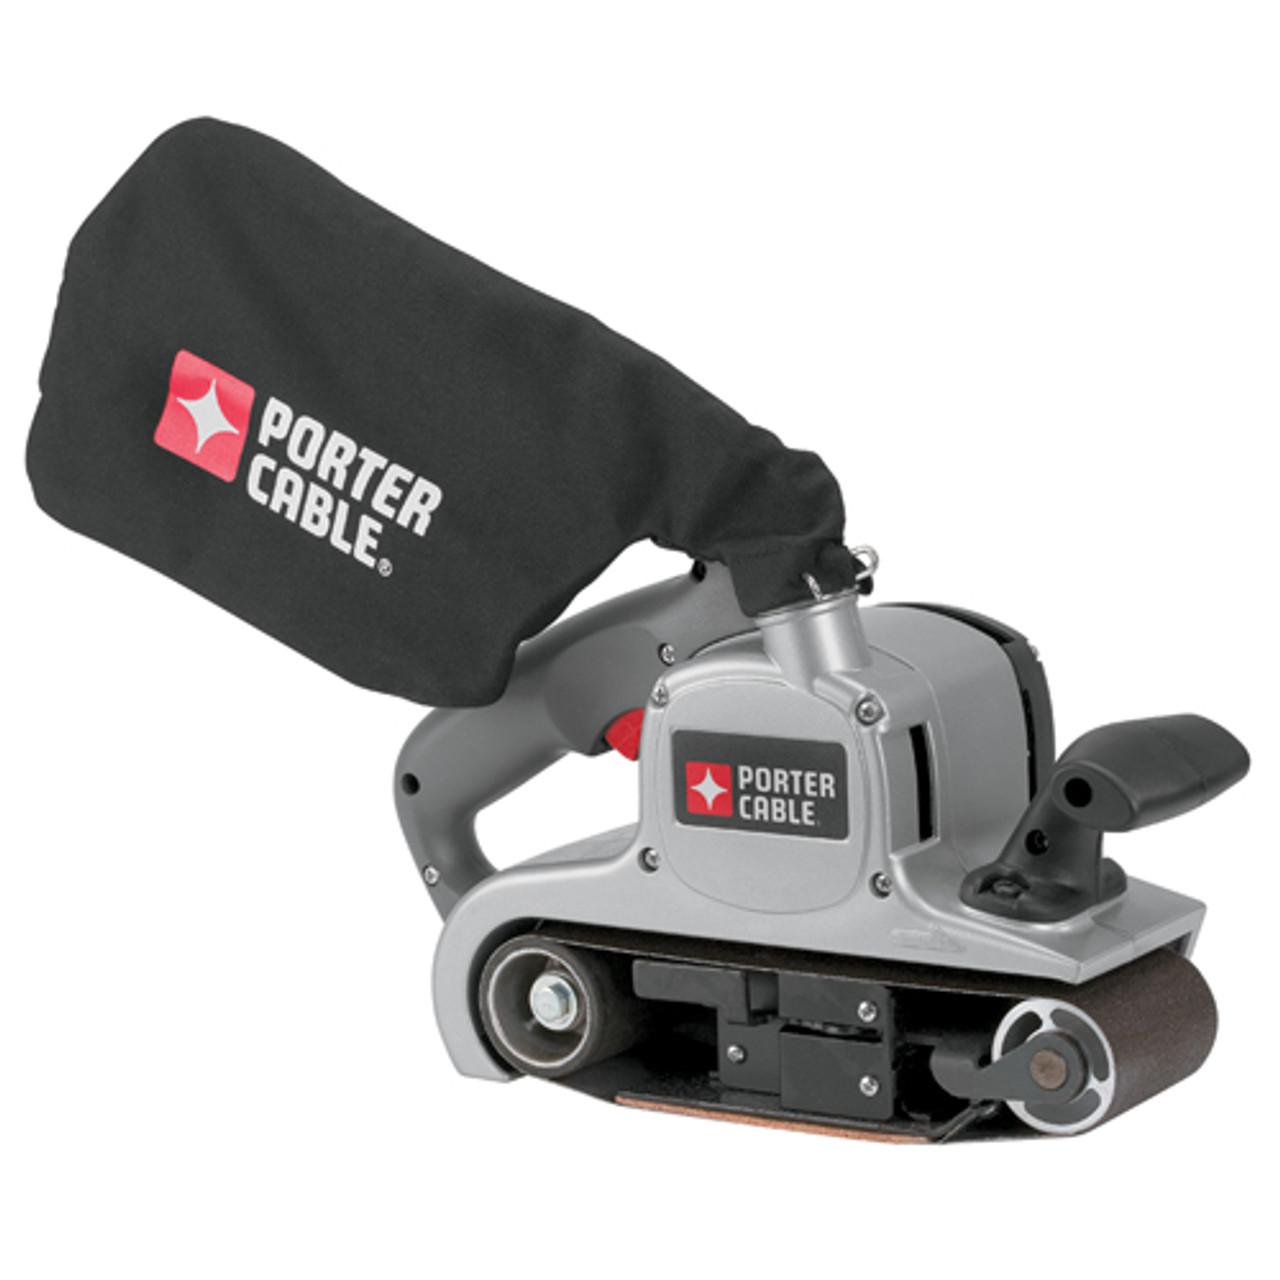 Porter Cable 371 Vs 371k